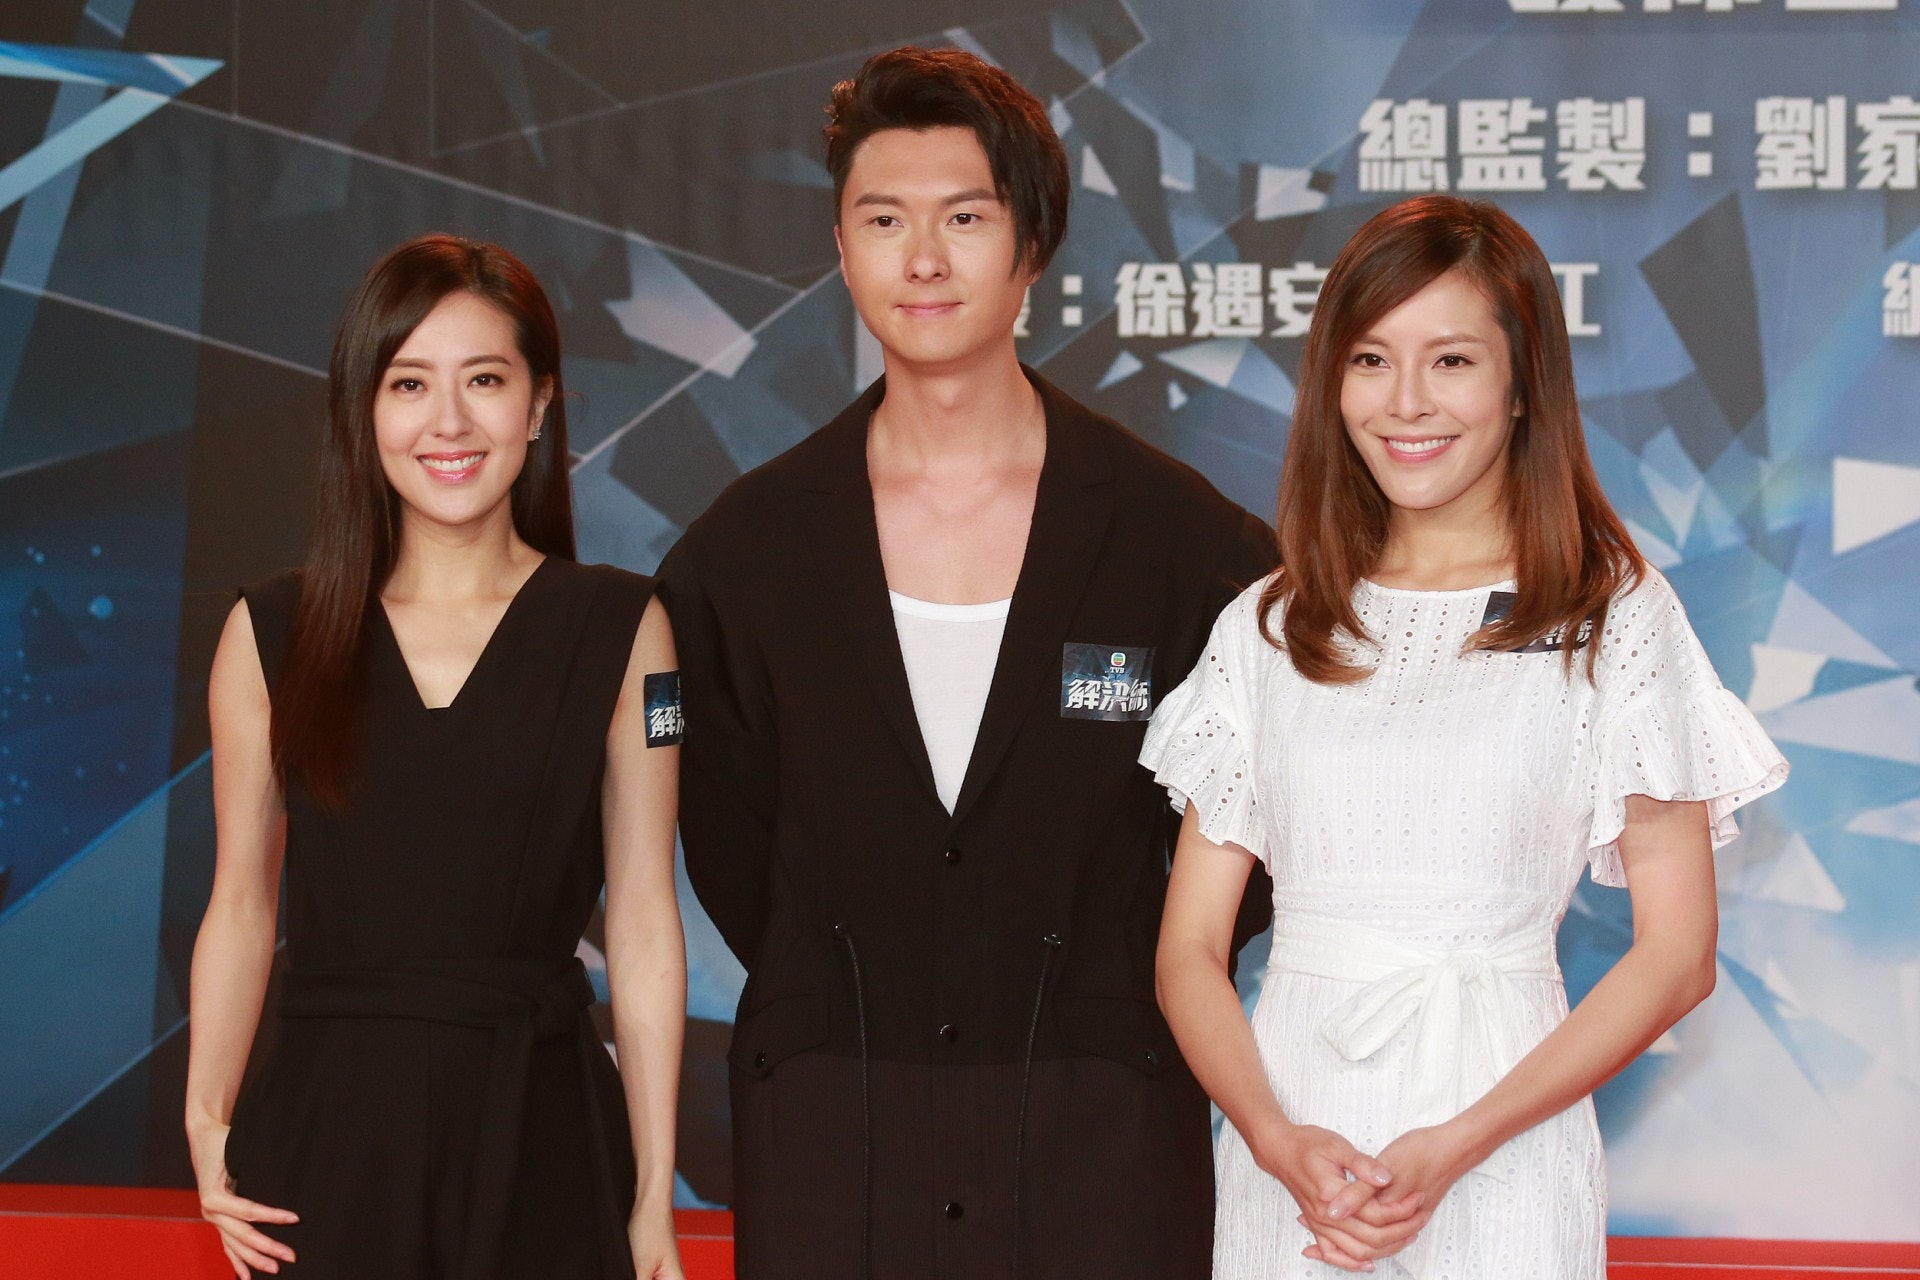 王浩信、唐詩詠和張曦雯主演的新劇《解決師》會是最後一個使用16廠拍攝的劇集,無綫將攝影廠清空後會將之租給其他製作公司使用。(視覺中國)